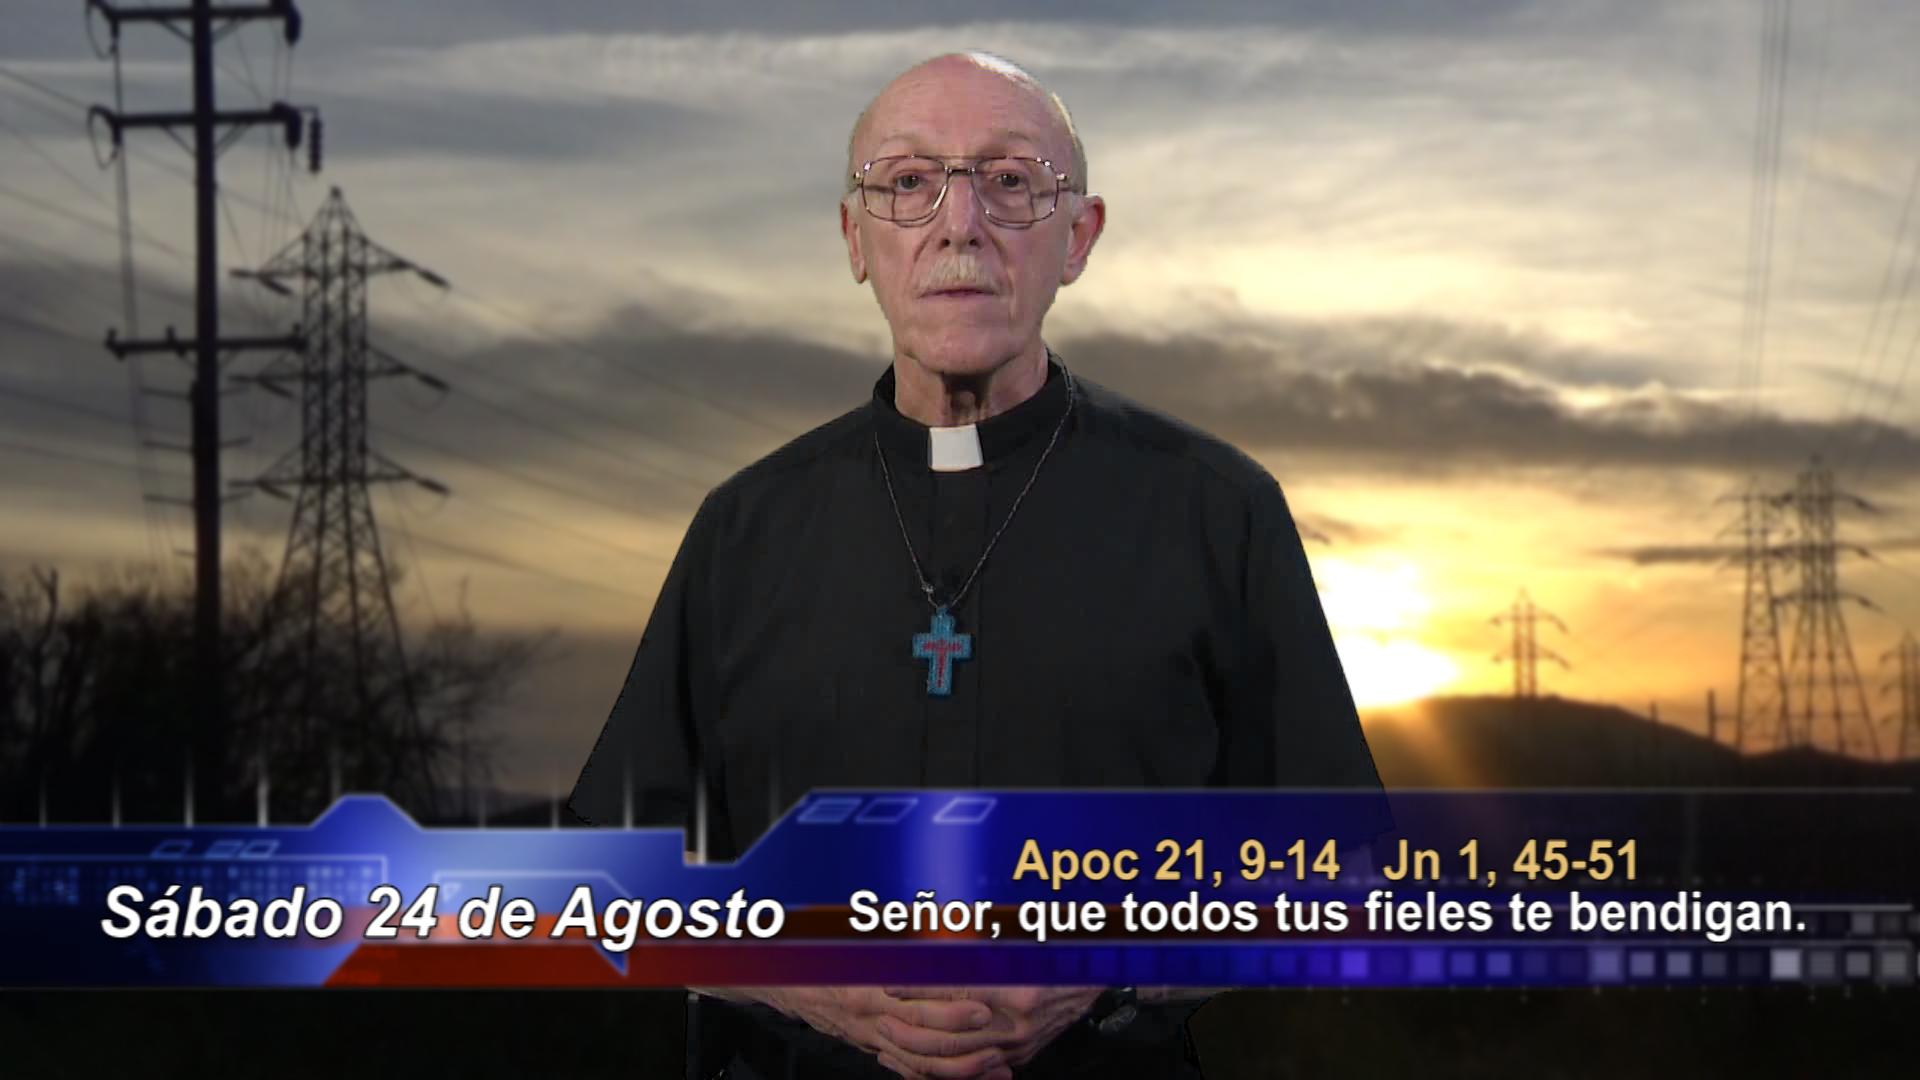 Artwork for Dios te Habla con Fr. Lenny de Pasquale; Tema el hoy: Señor, que todos tus fieles te bendigan.